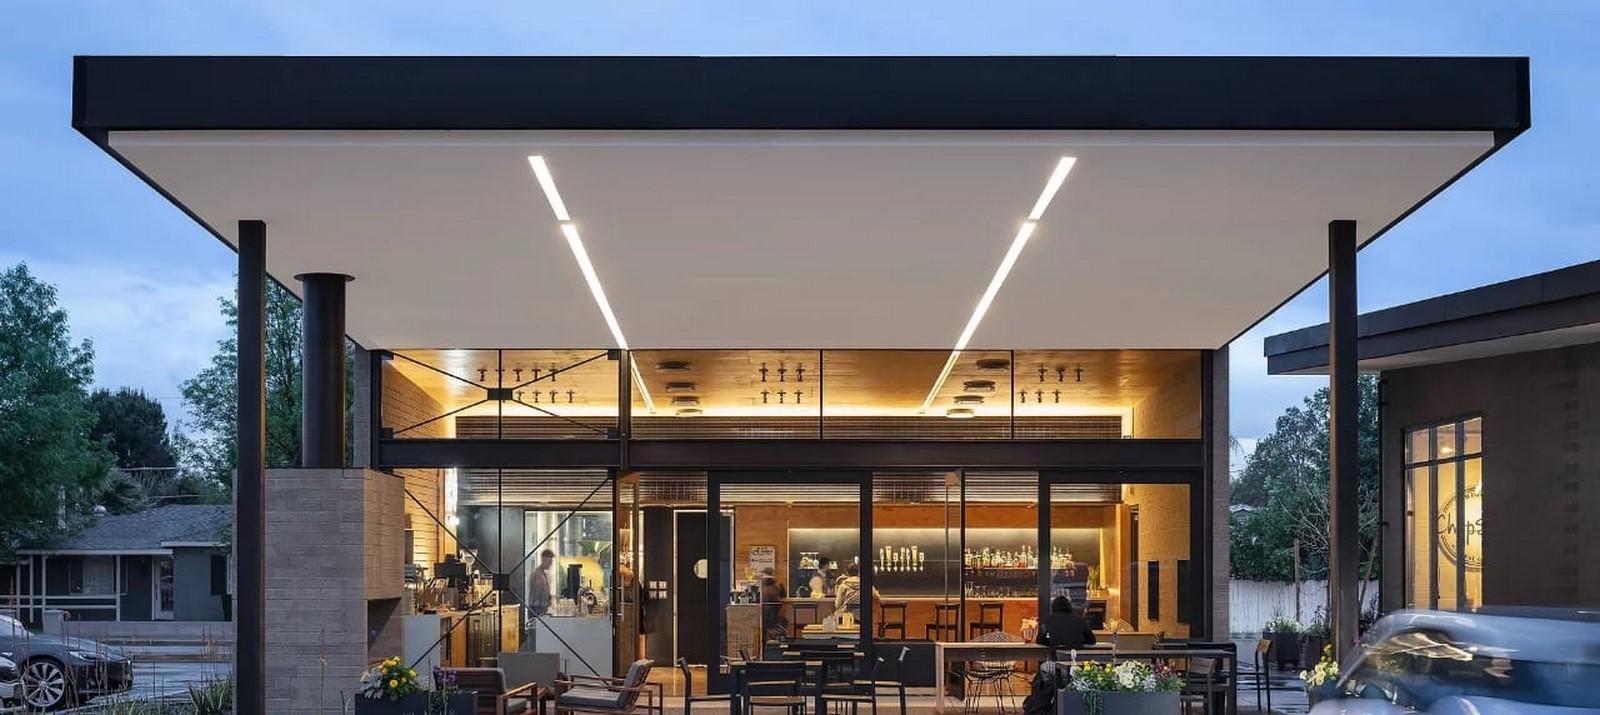 Architects in Phoenix - Top 75 Architects in Phoenix - Sheet1